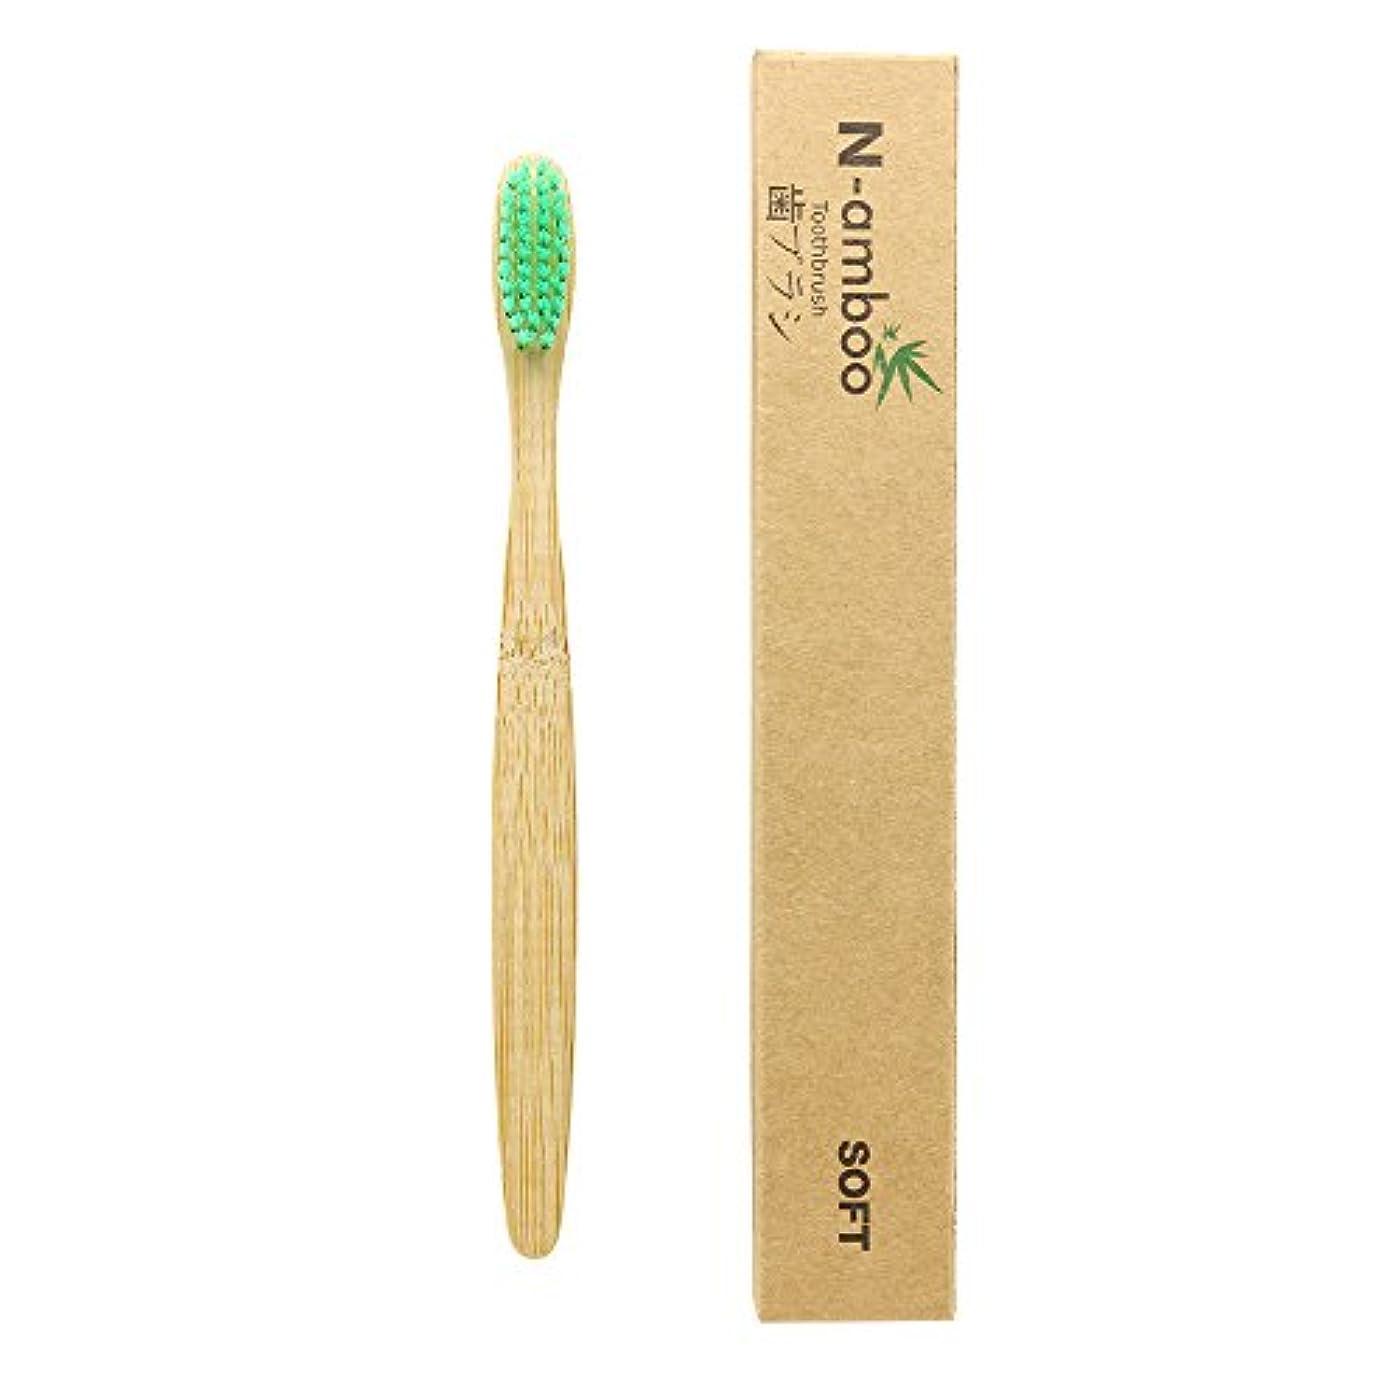 軸振動させるひまわりN-amboo 歯ブラシ 1本入り 竹製 高耐久性 緑 エコ